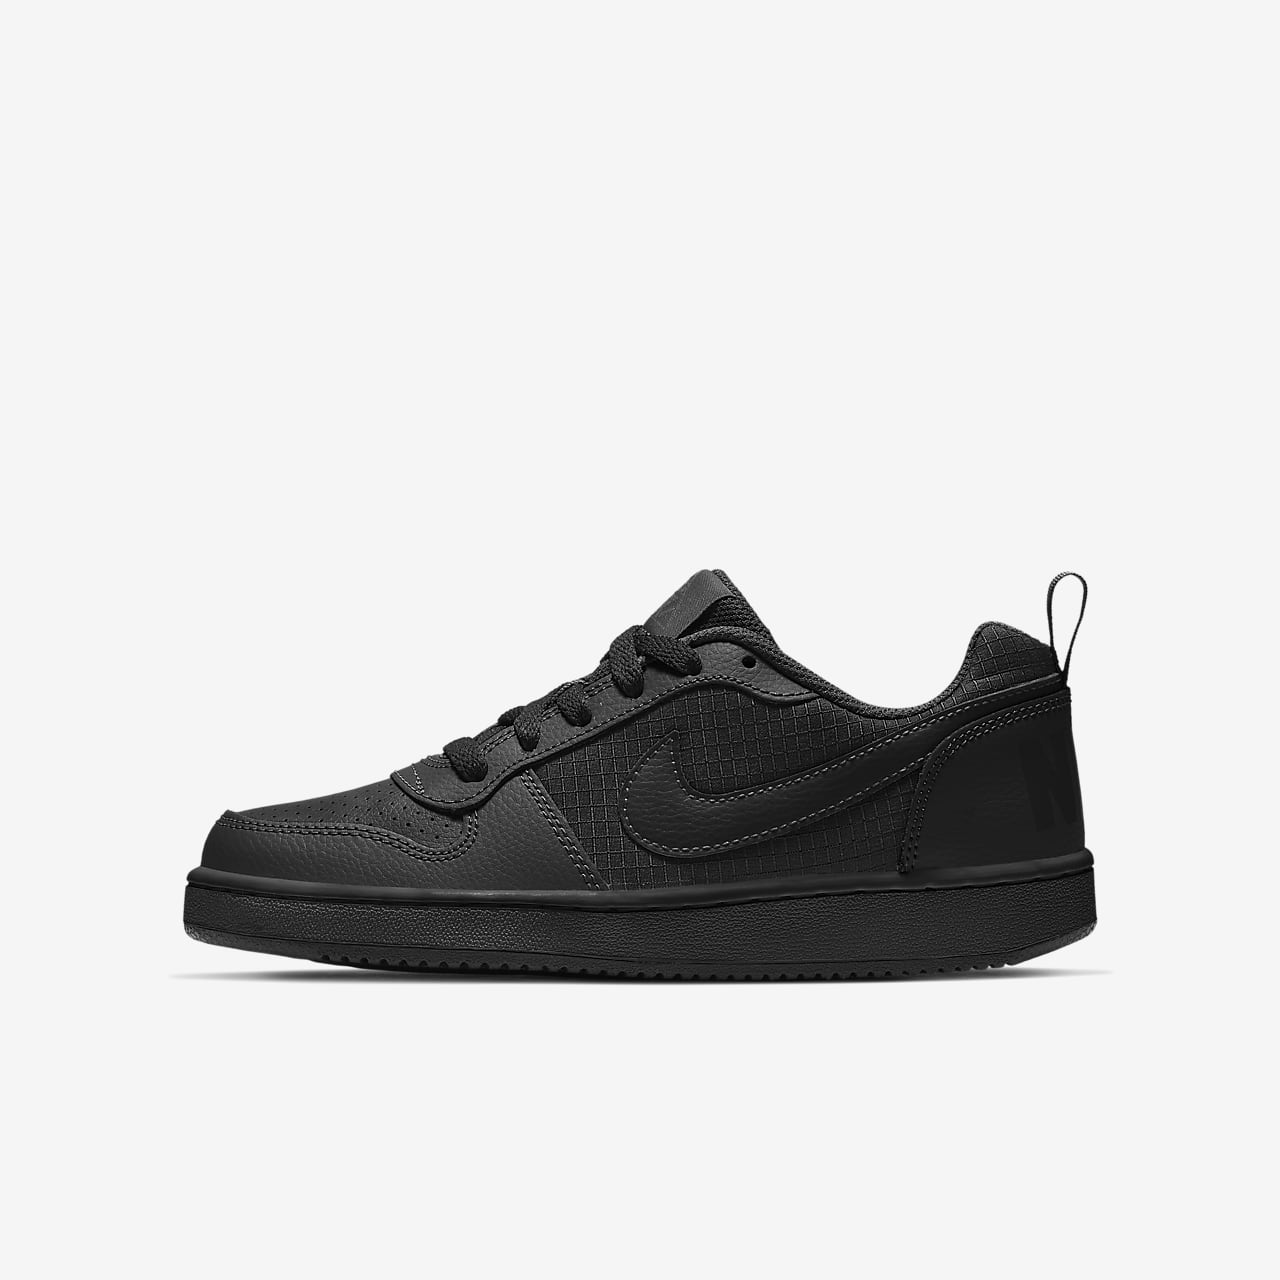 Kinder Low Nike Ältere Schuh Court Borough Für tBCQrdshx